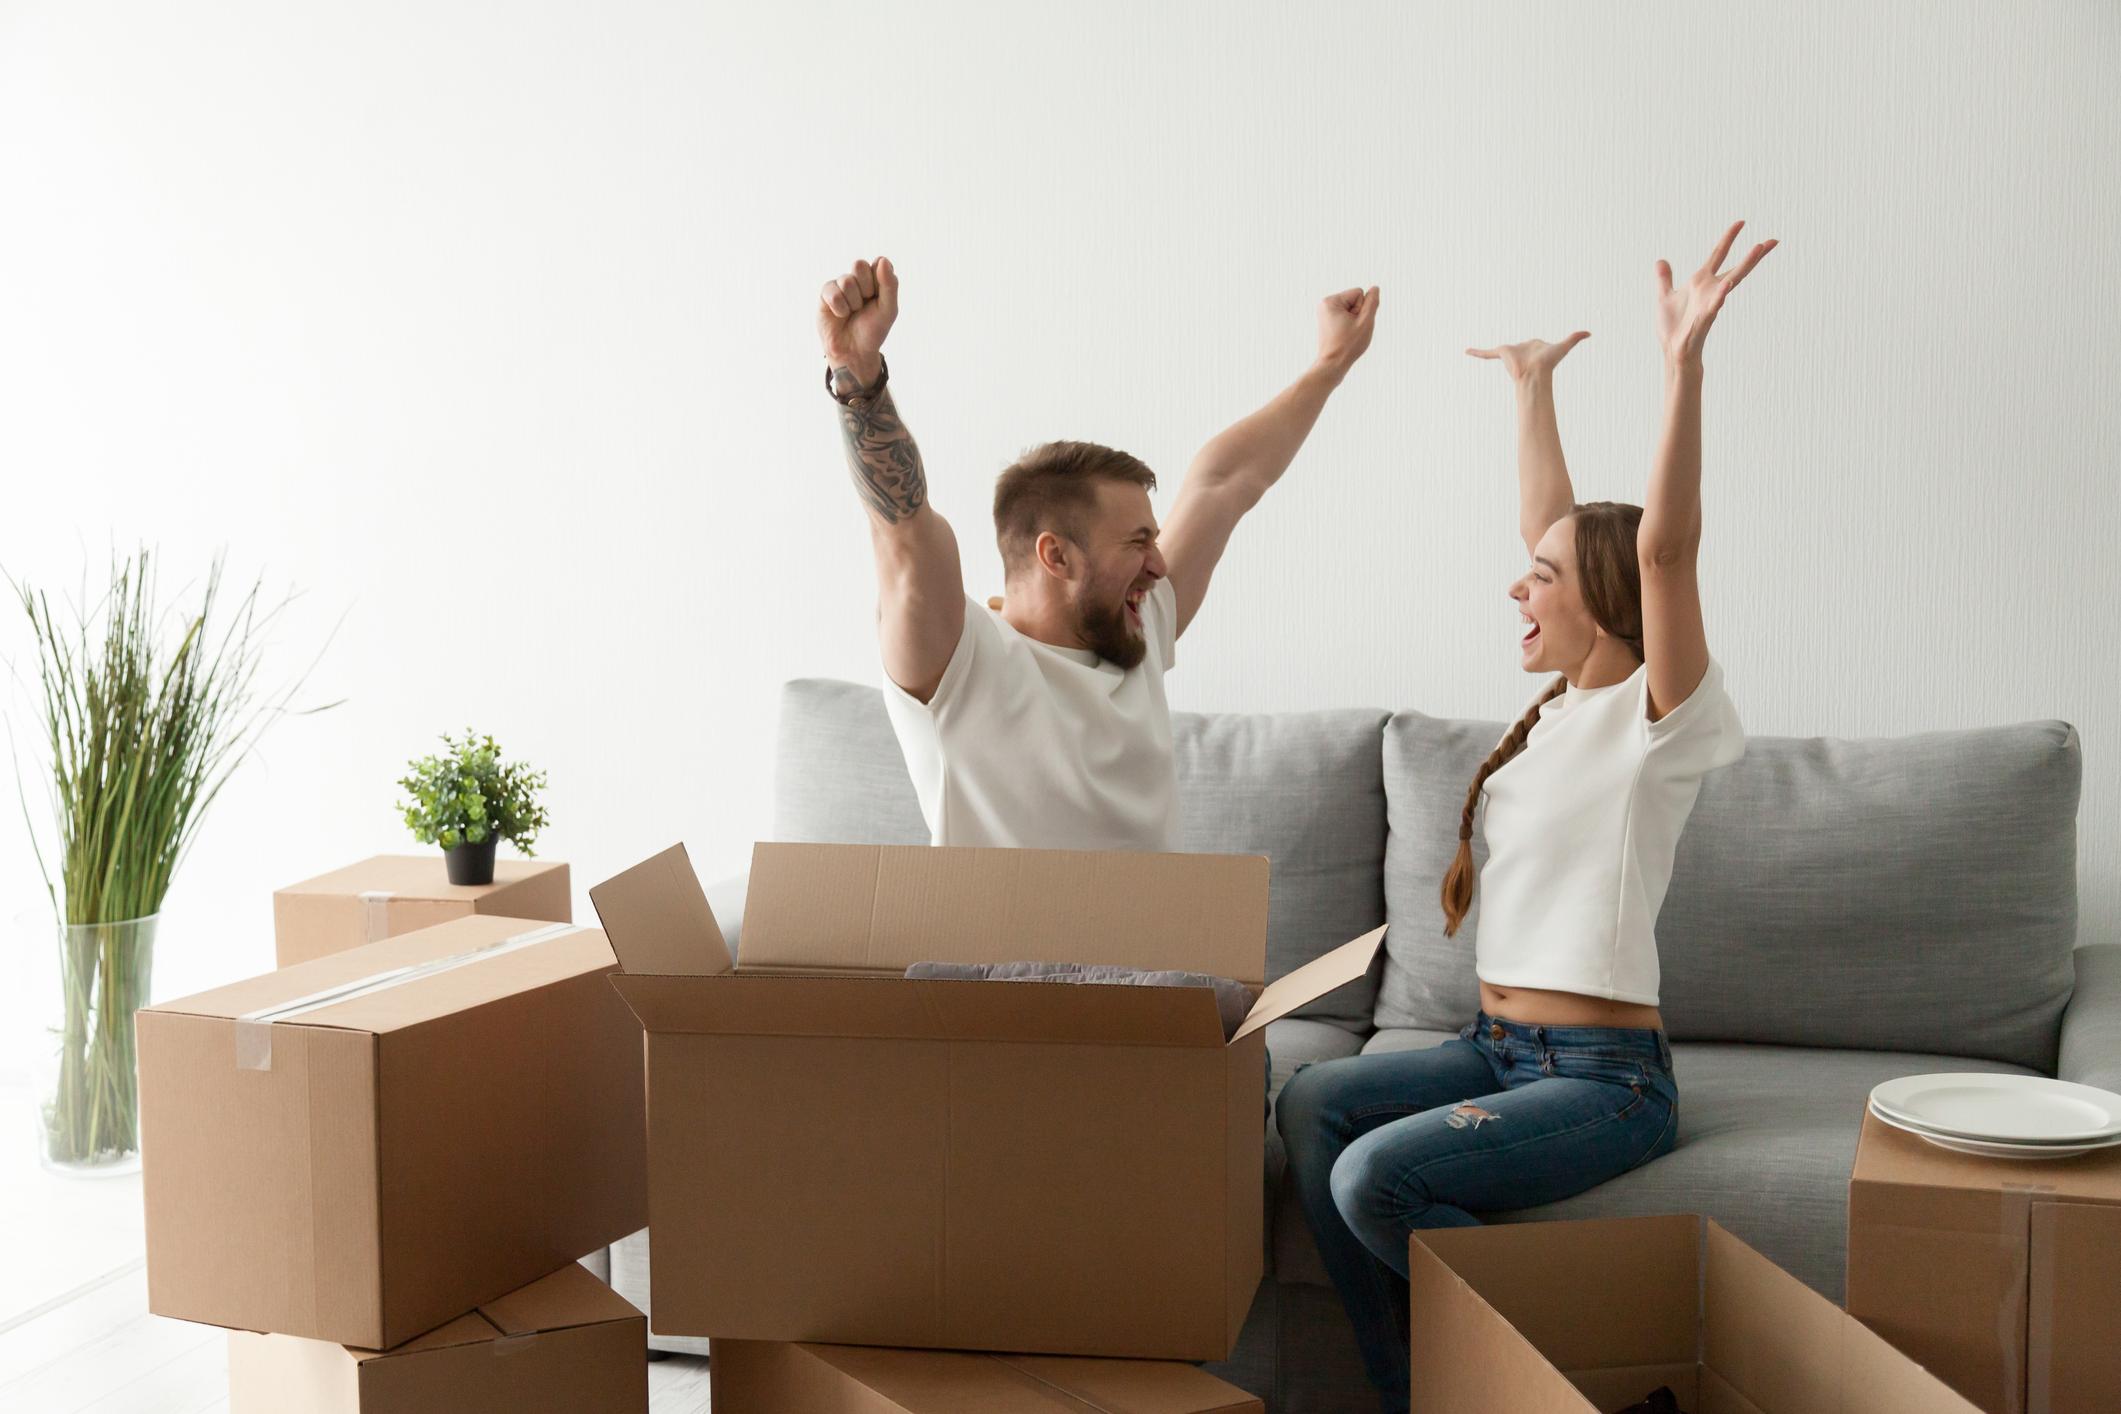 Desarrollos inmobiliarios en CDMX en preventa ¿Por qué invertir ahora?